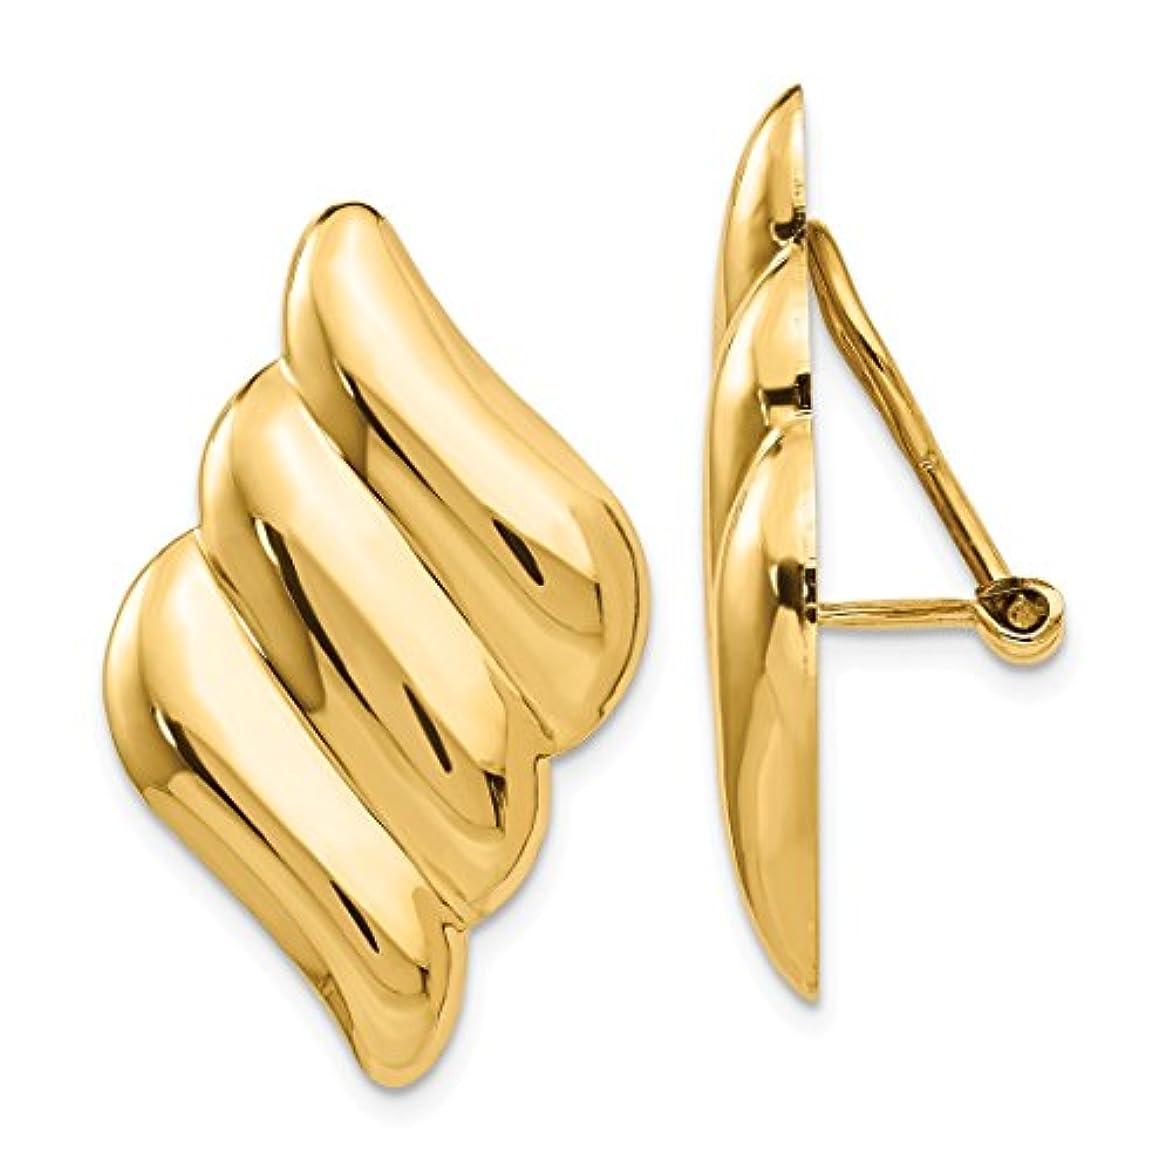 知る領事館失礼なICE CARATS 14カラット イエローゴールド ピアス穴なしクリップオンイヤリング ファインジュエリー 女性へのギフトに最適 ハートからのギフトセット